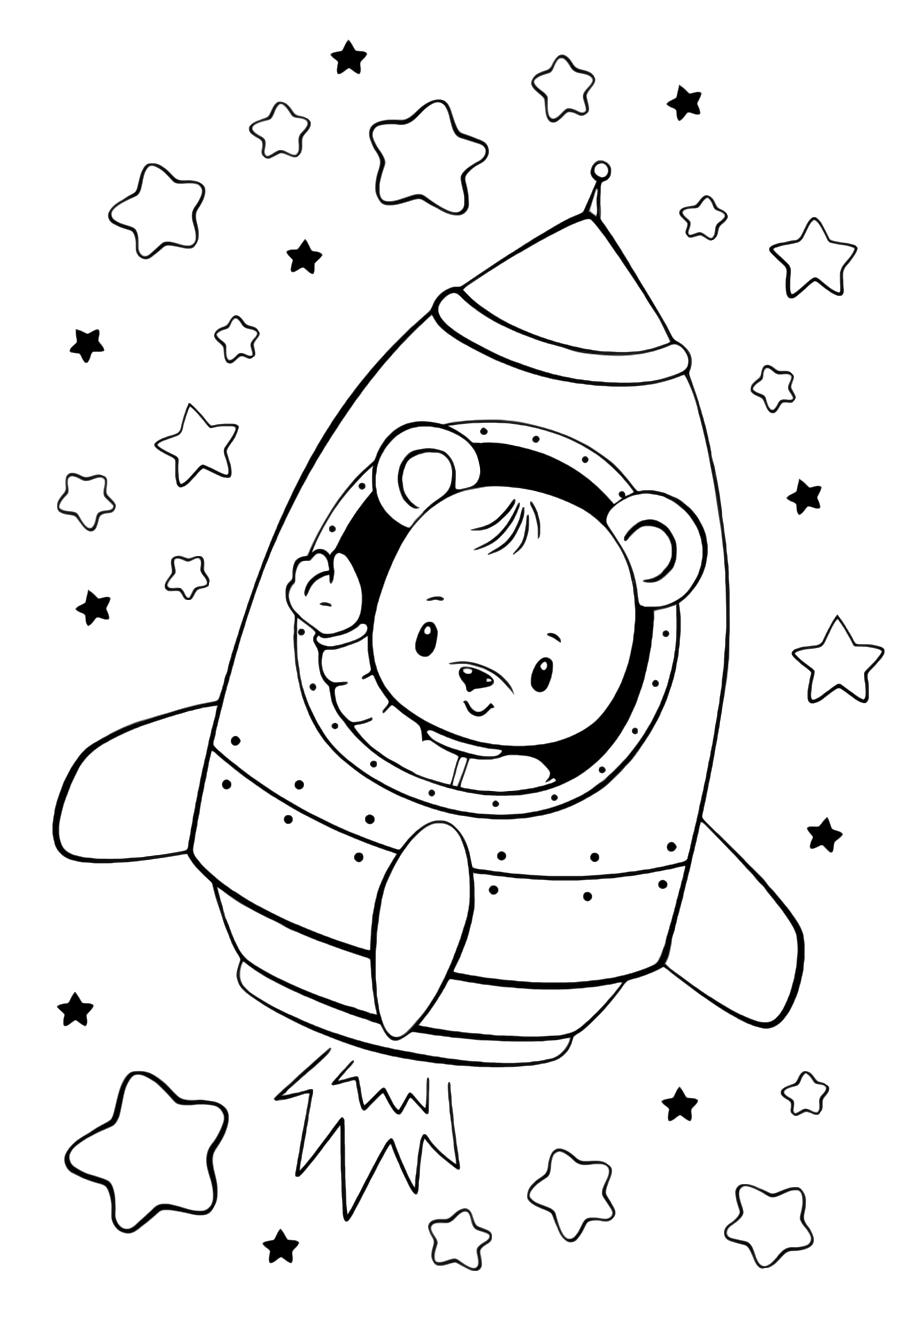 Bear in the rocket